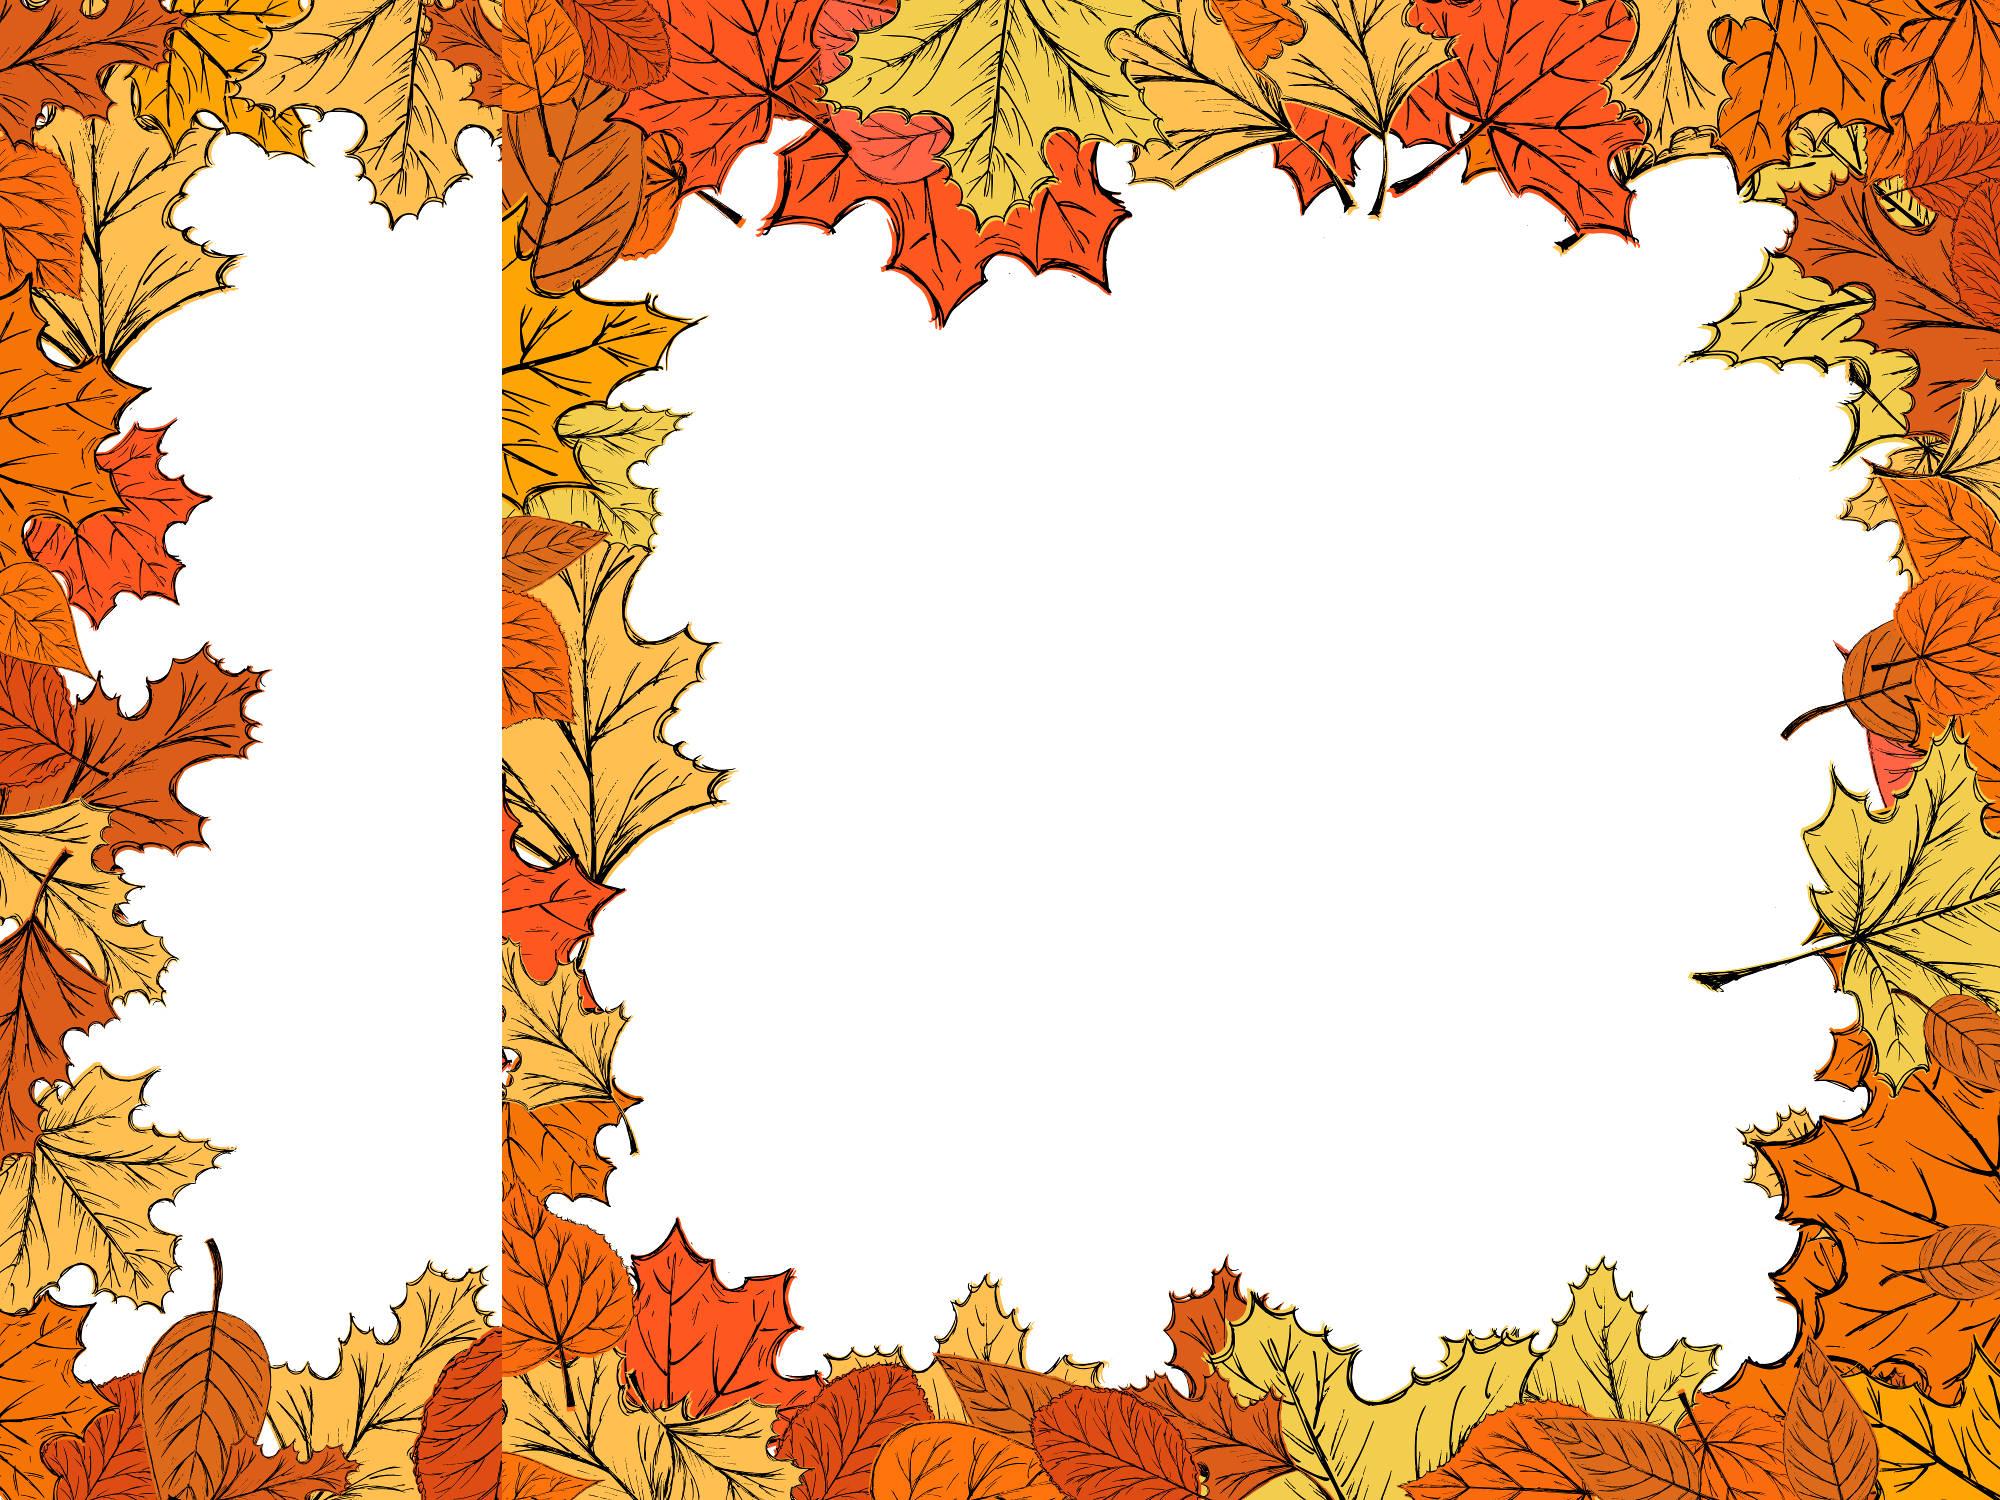 autumn-leaf-frame-border-cover.jpg